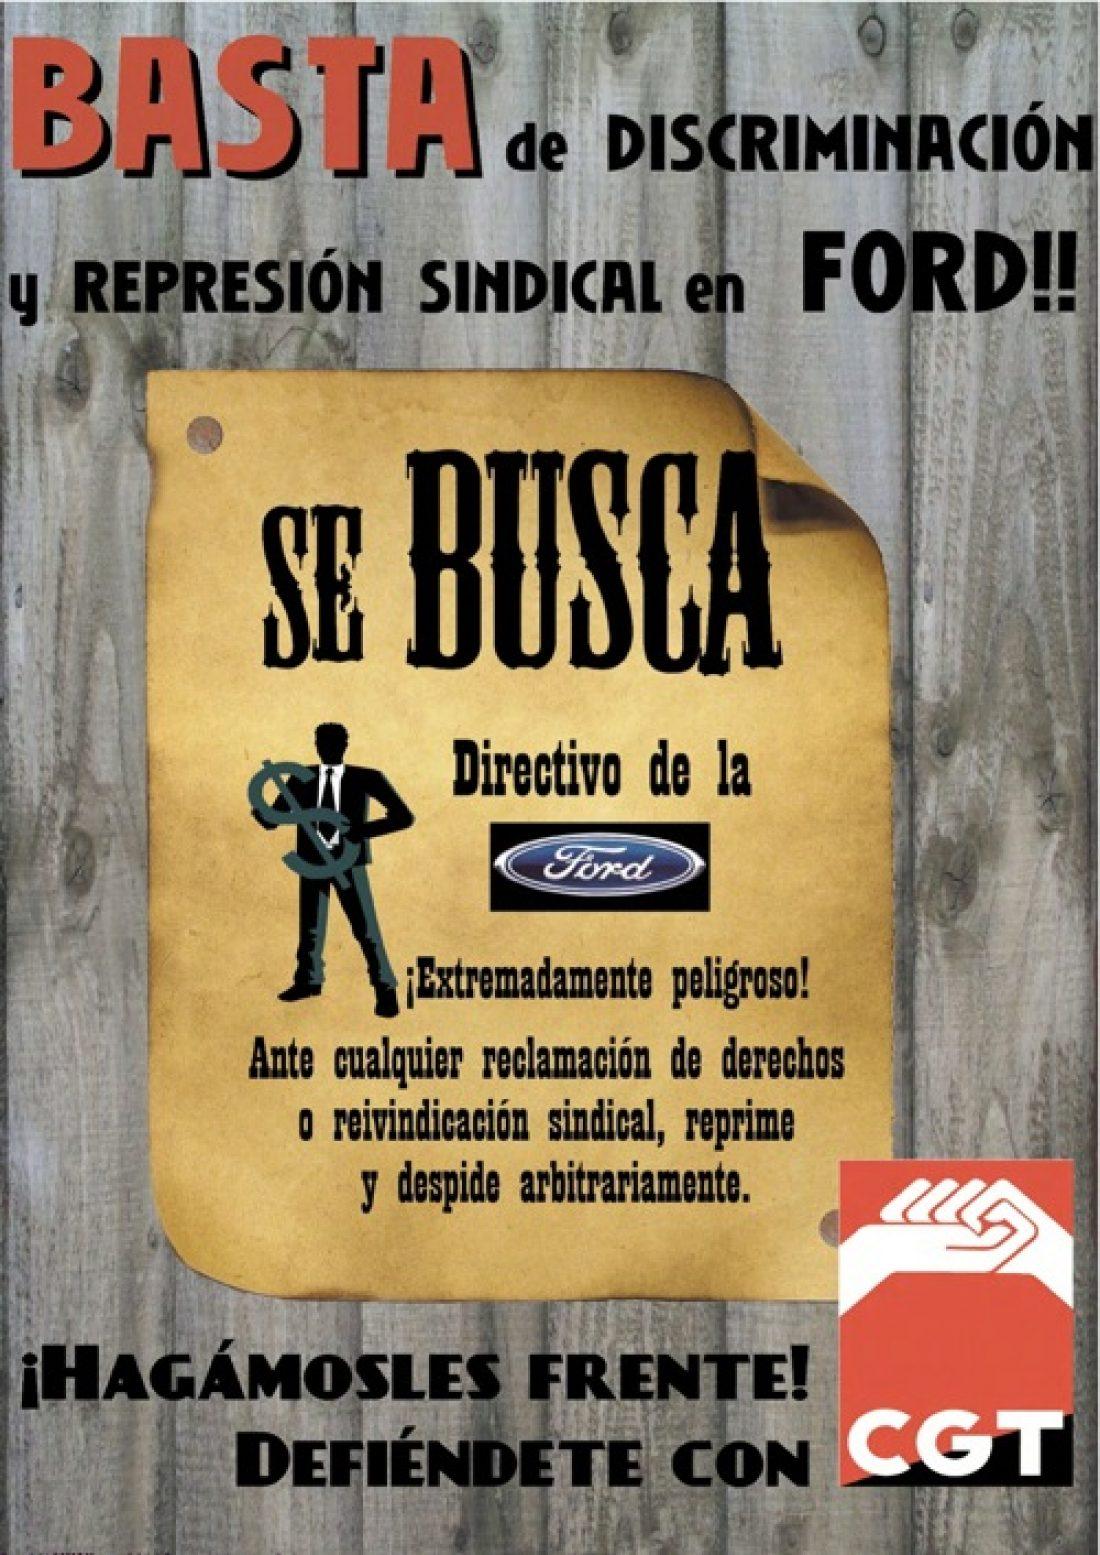 También la plantilla de Acciona inicia movilizaciones contra la precarización del trabajo promovida por la multinacional Ford